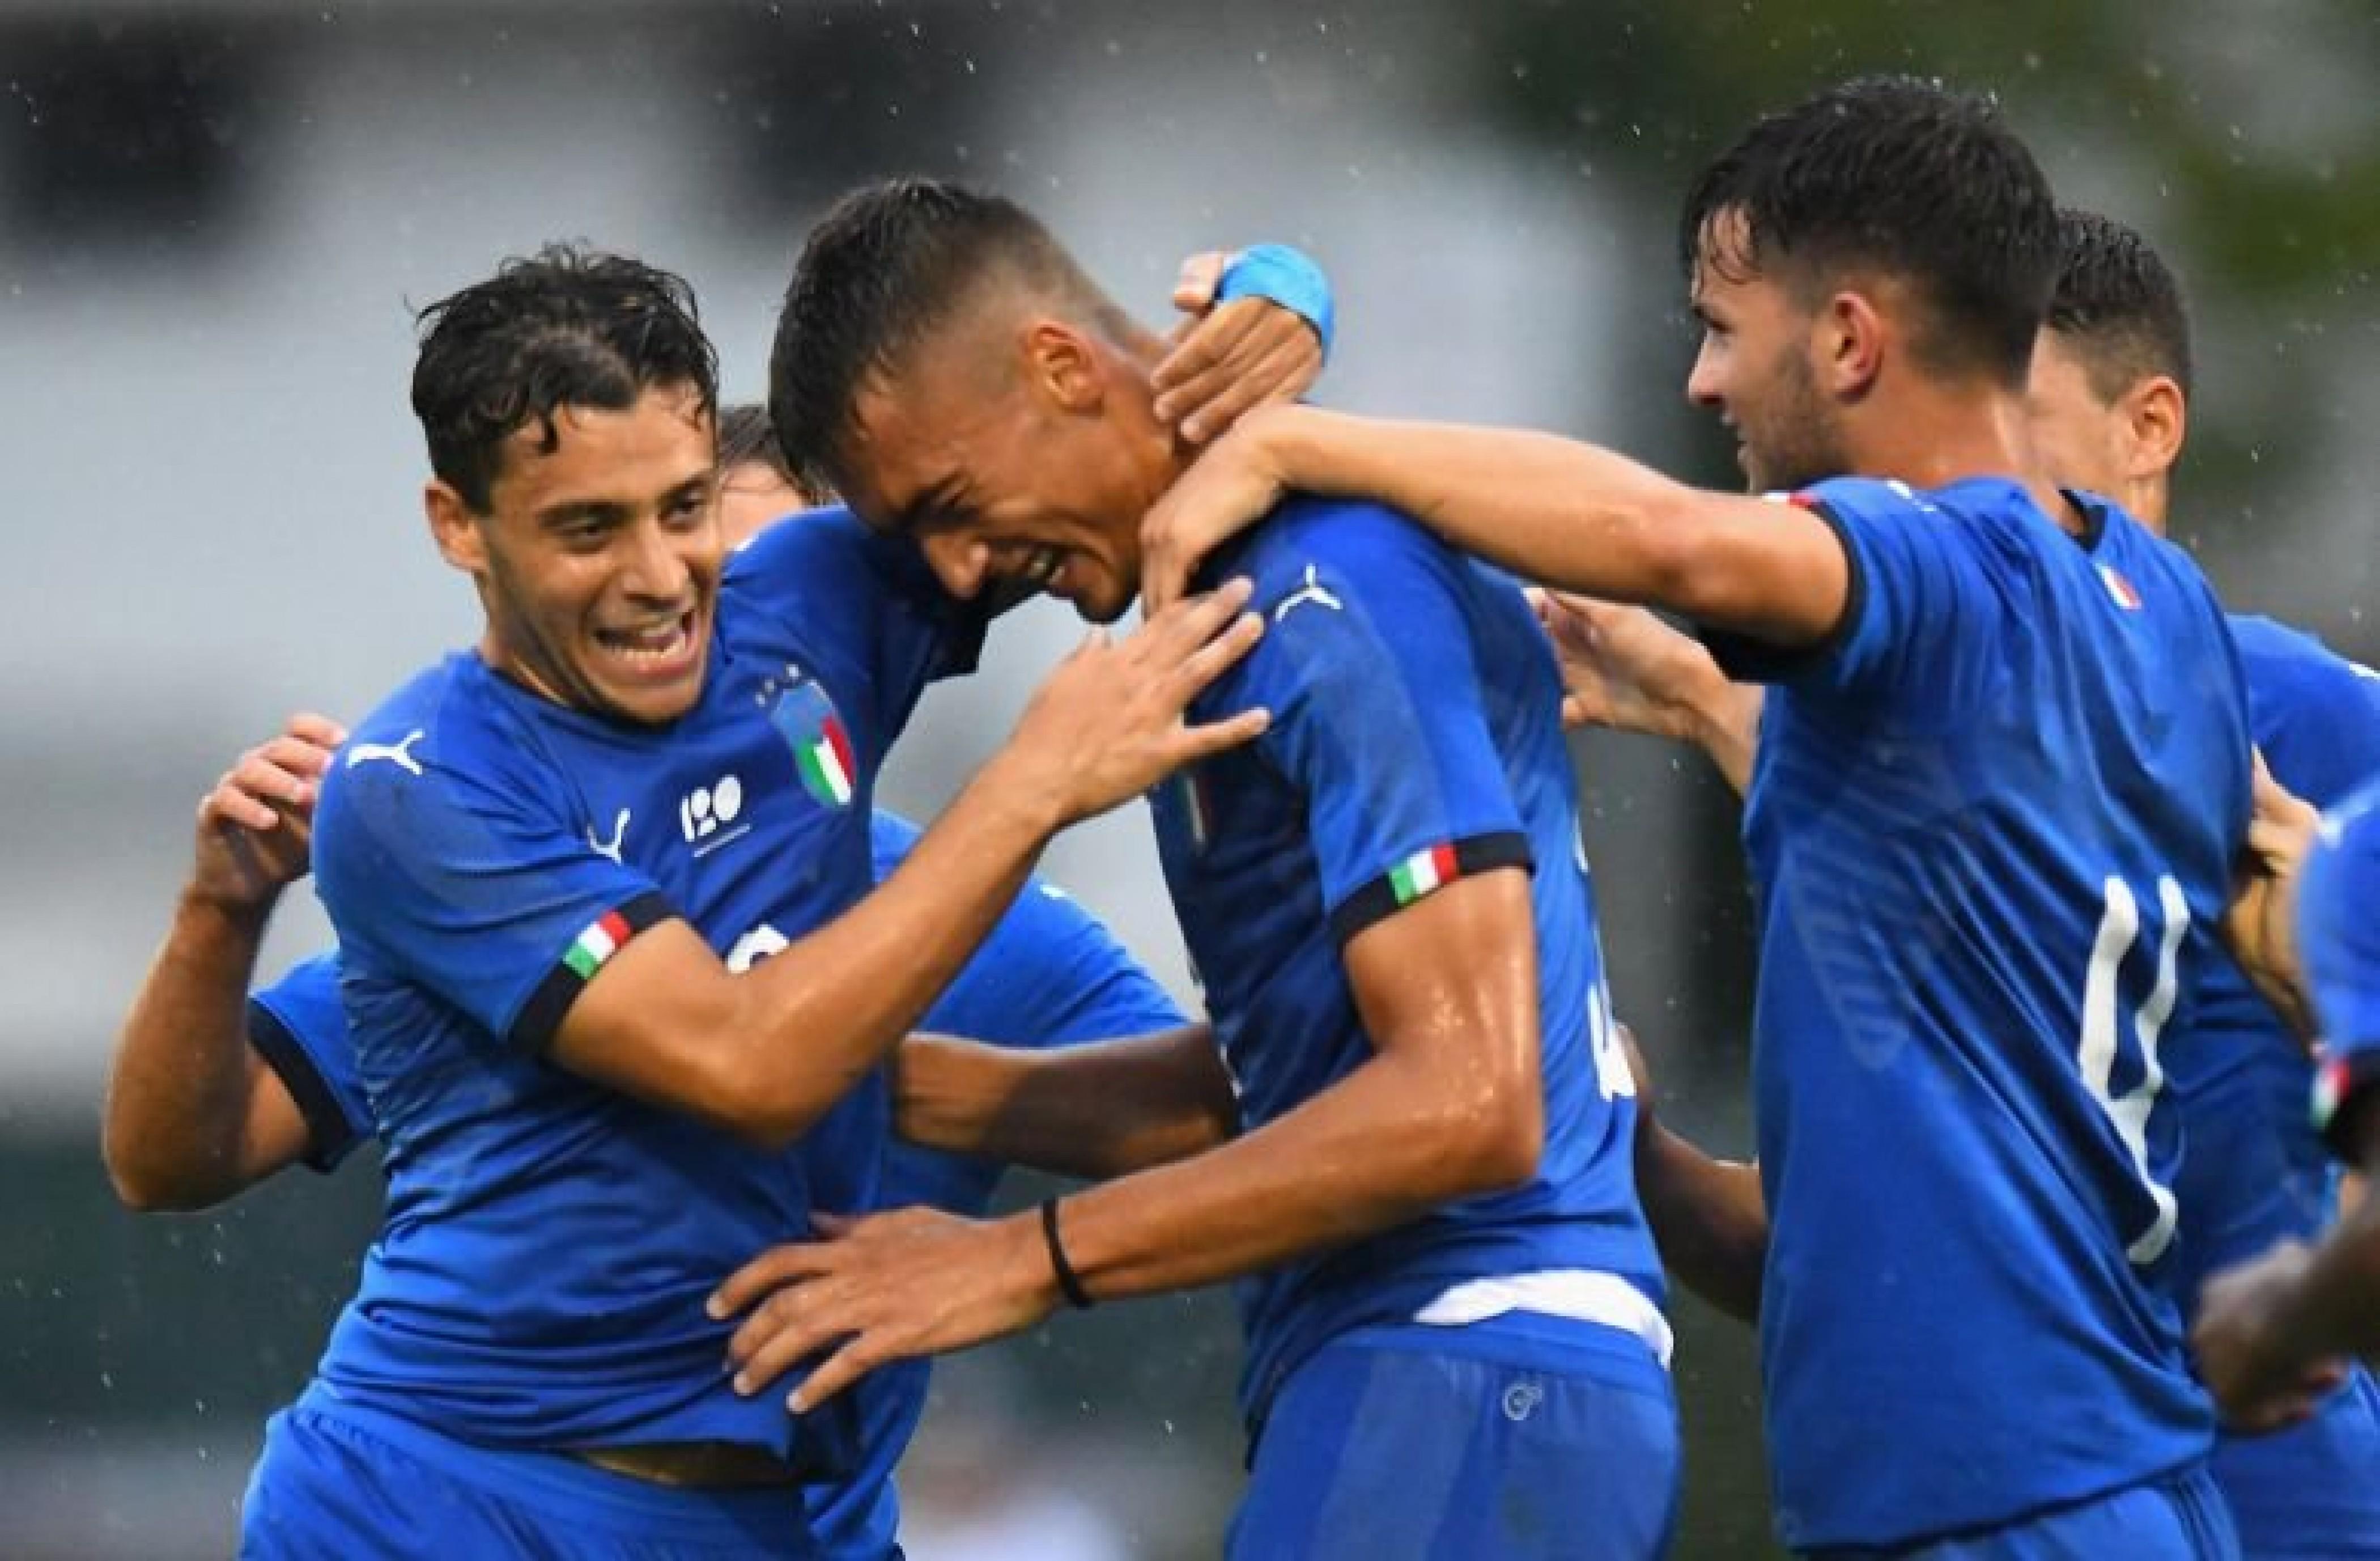 L'Italia U21 vuole cancellare lo scorso KO: contro l'Albania si punta al successo